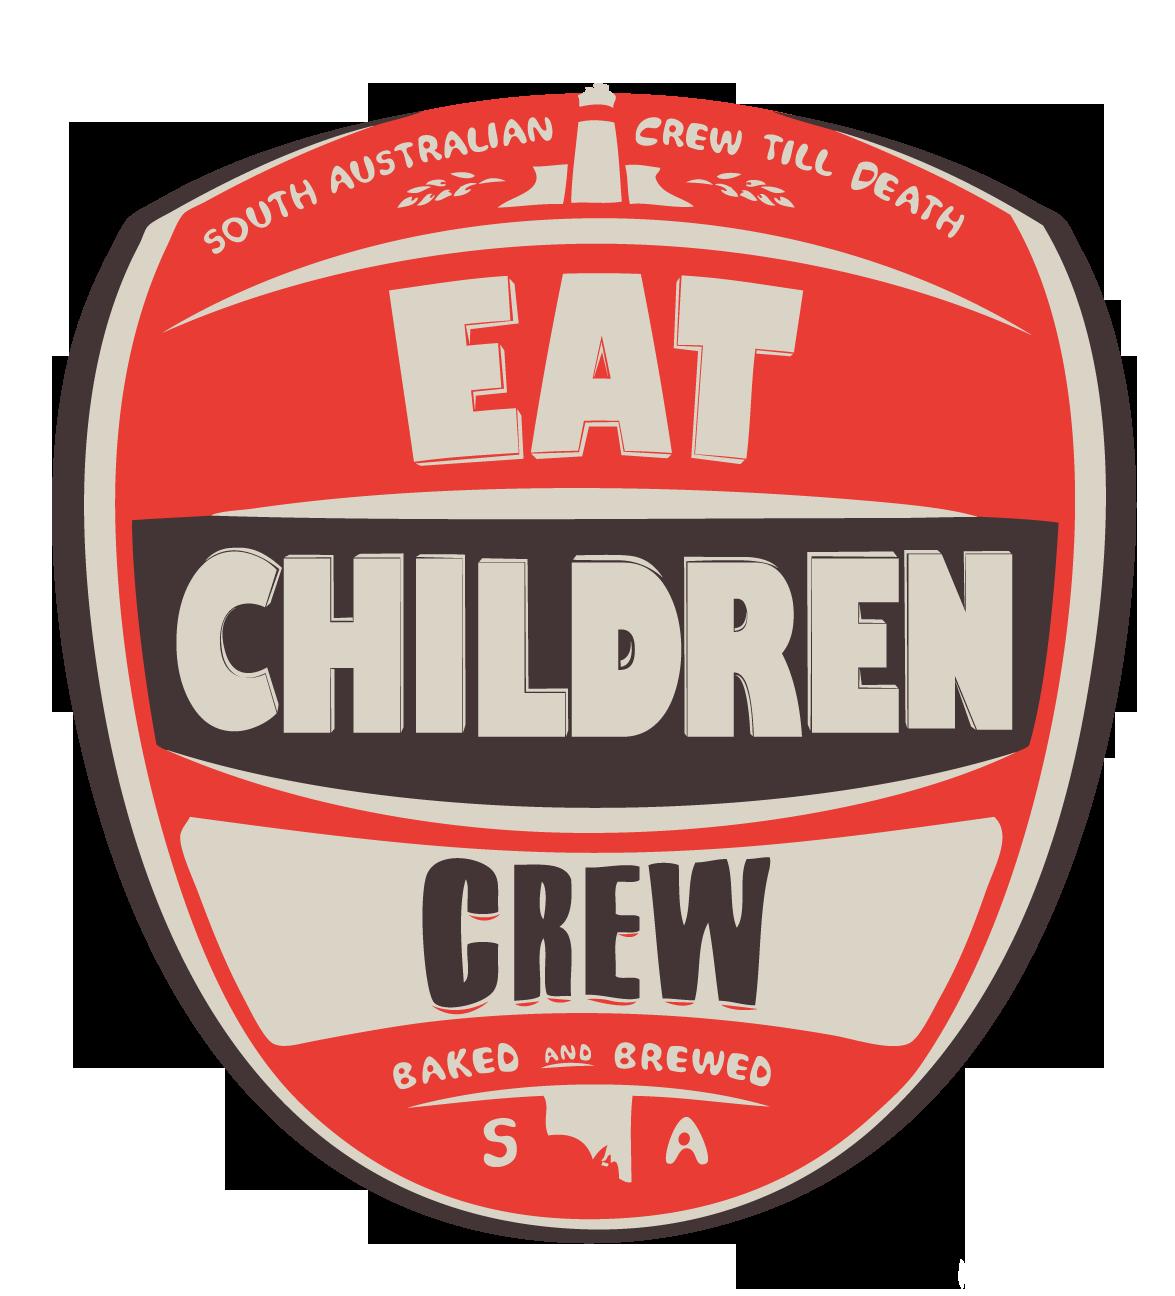 eatchildrencrew